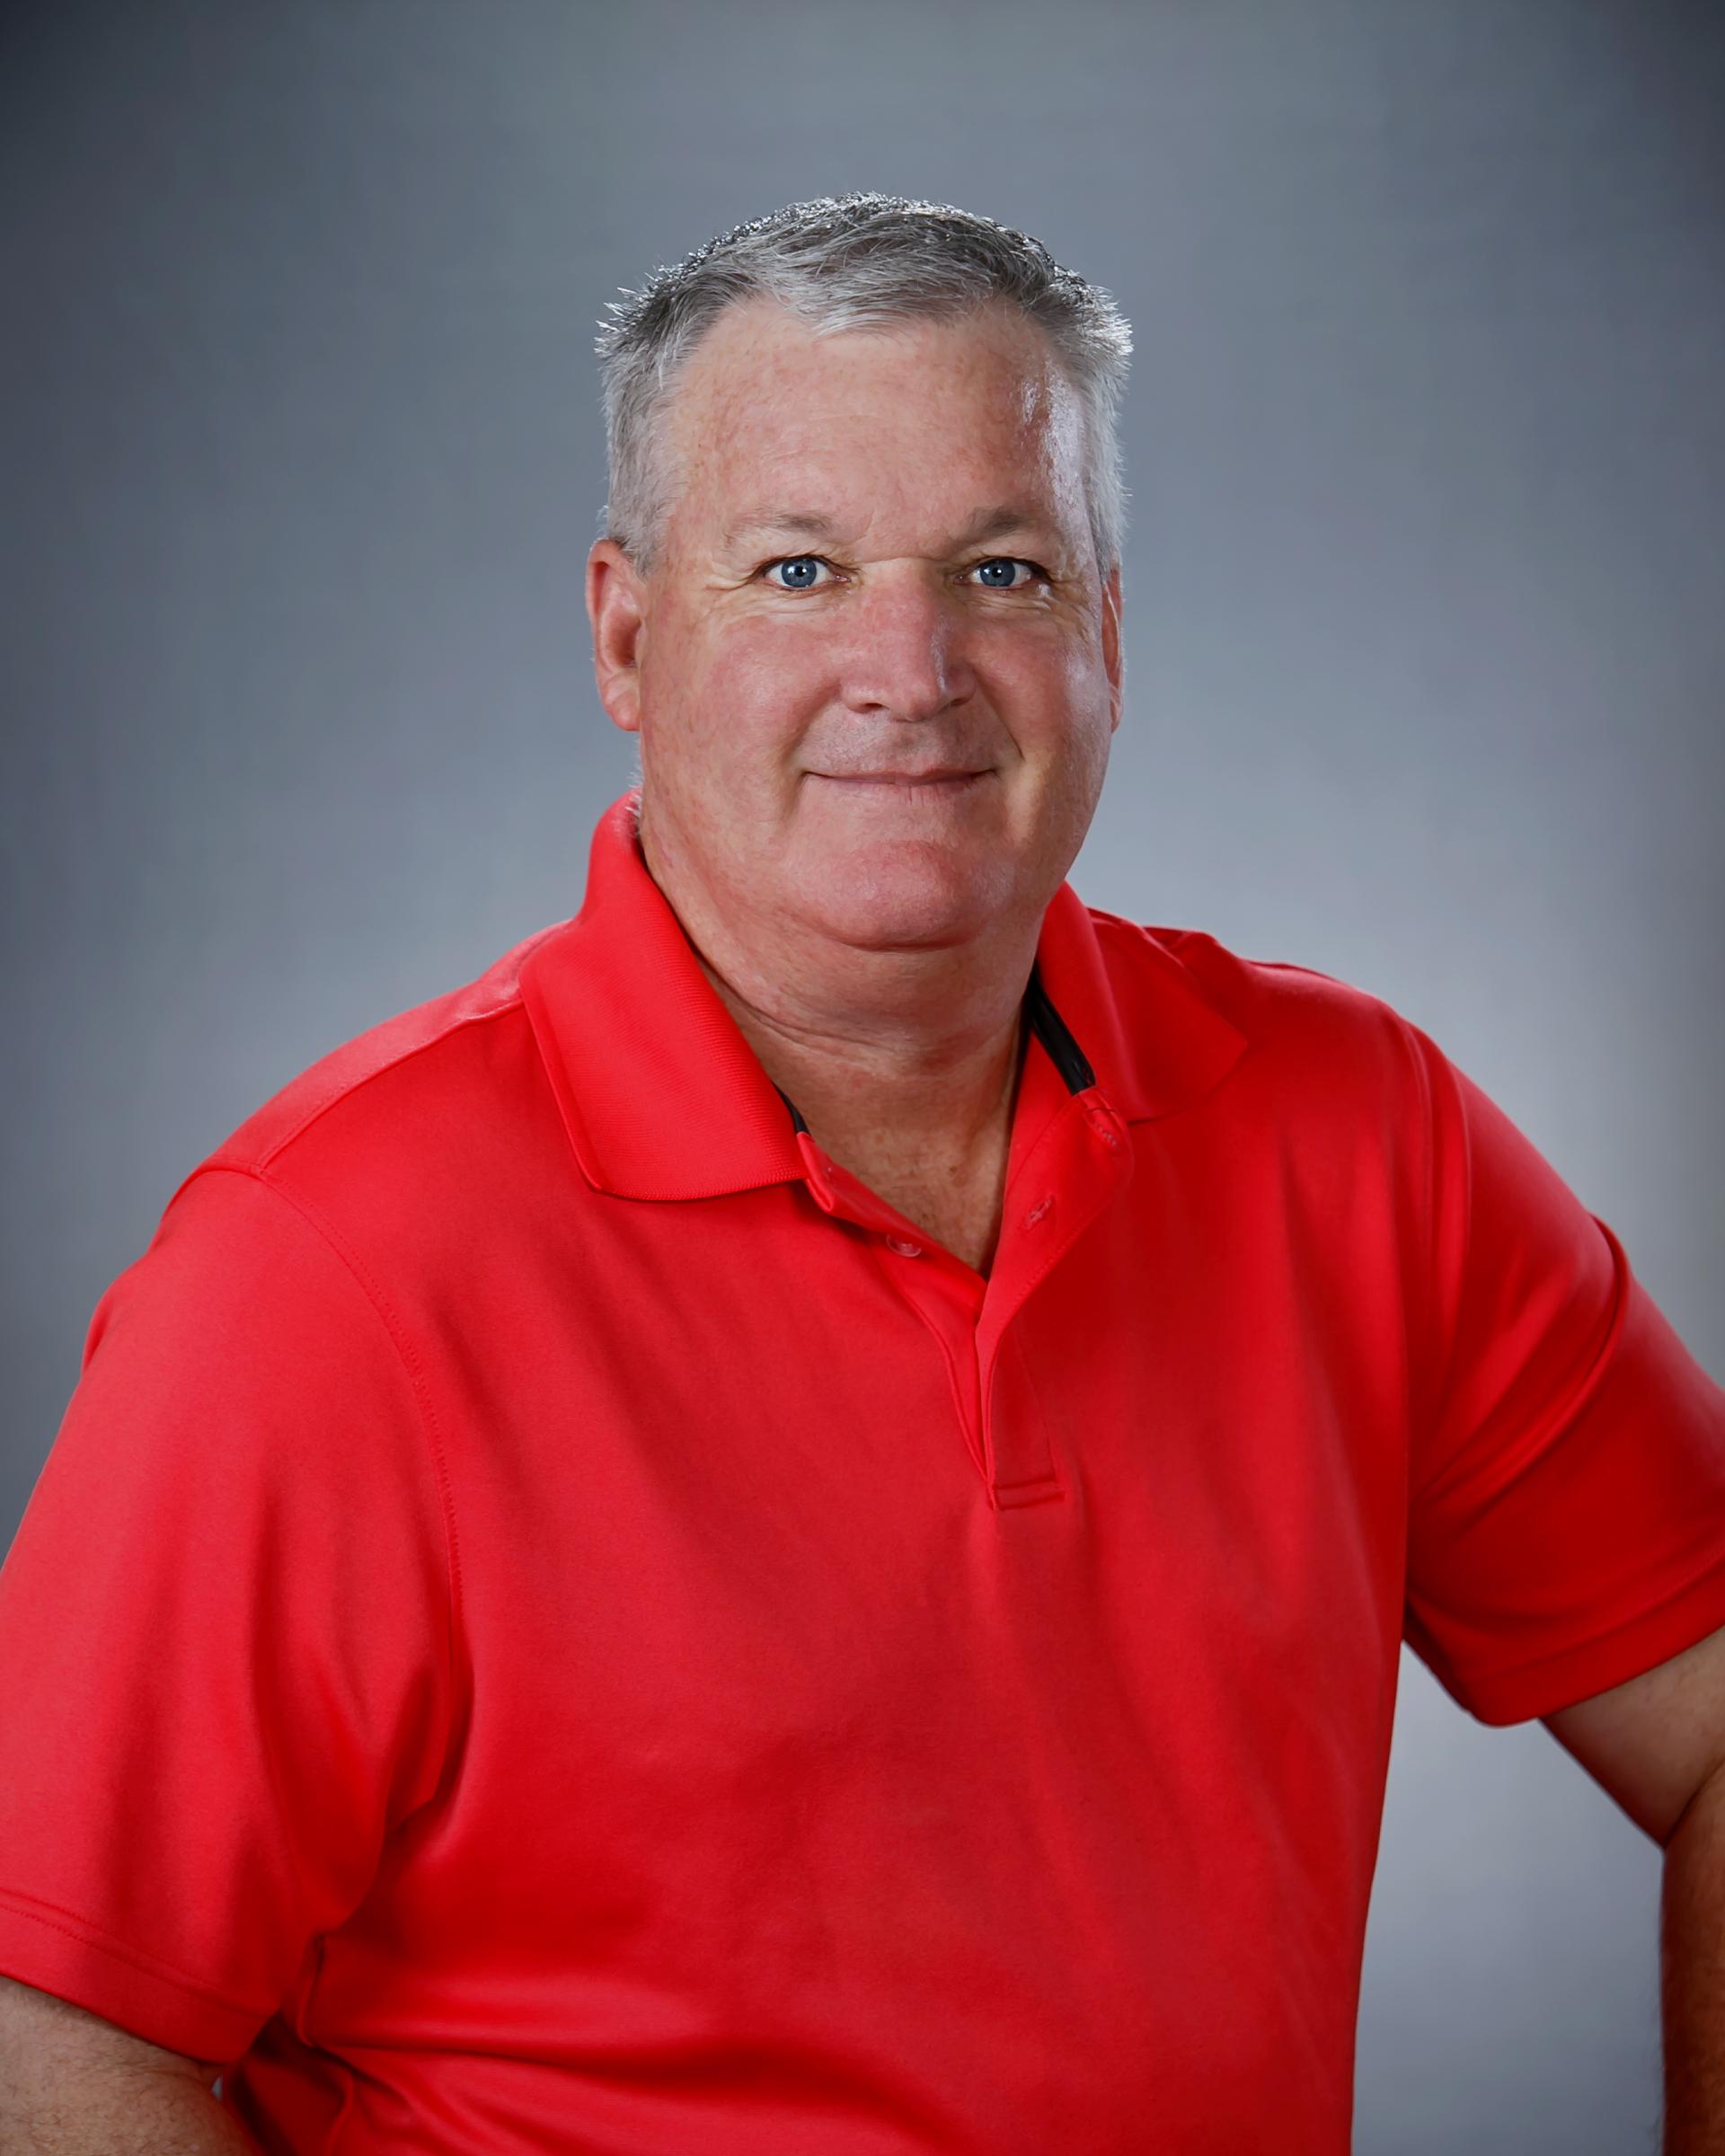 Robert O'Donnell